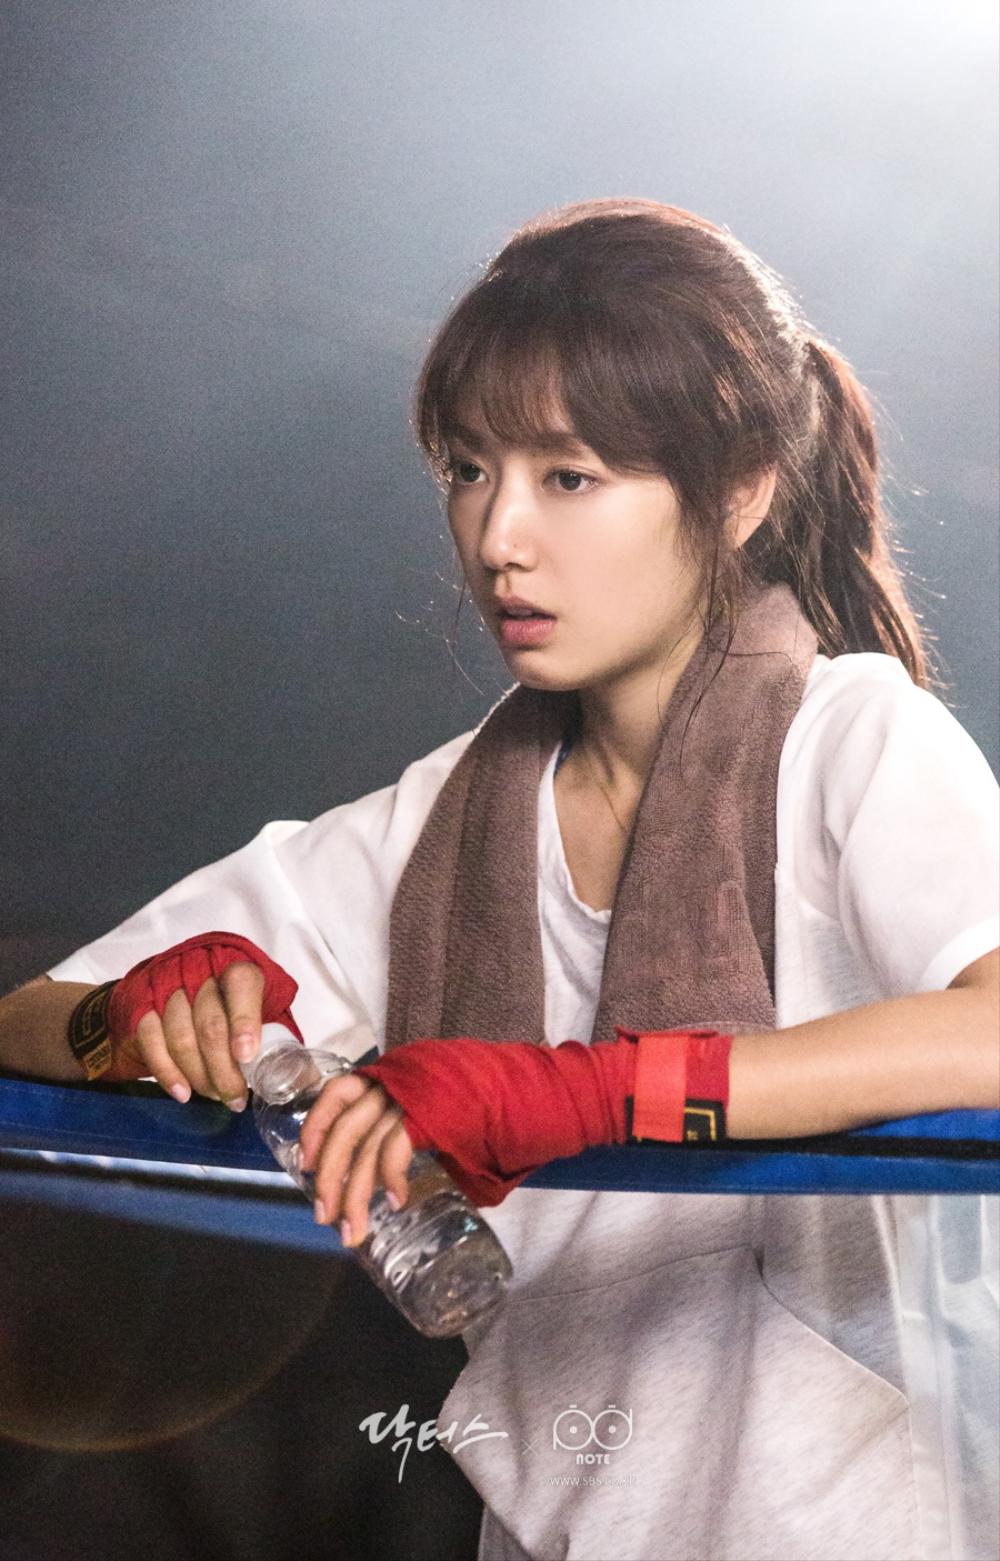 닥터스케치 7 체육관 링 위에서 물병을 들고 수건을 두르고 쉬고 있는 박신혜 이미지